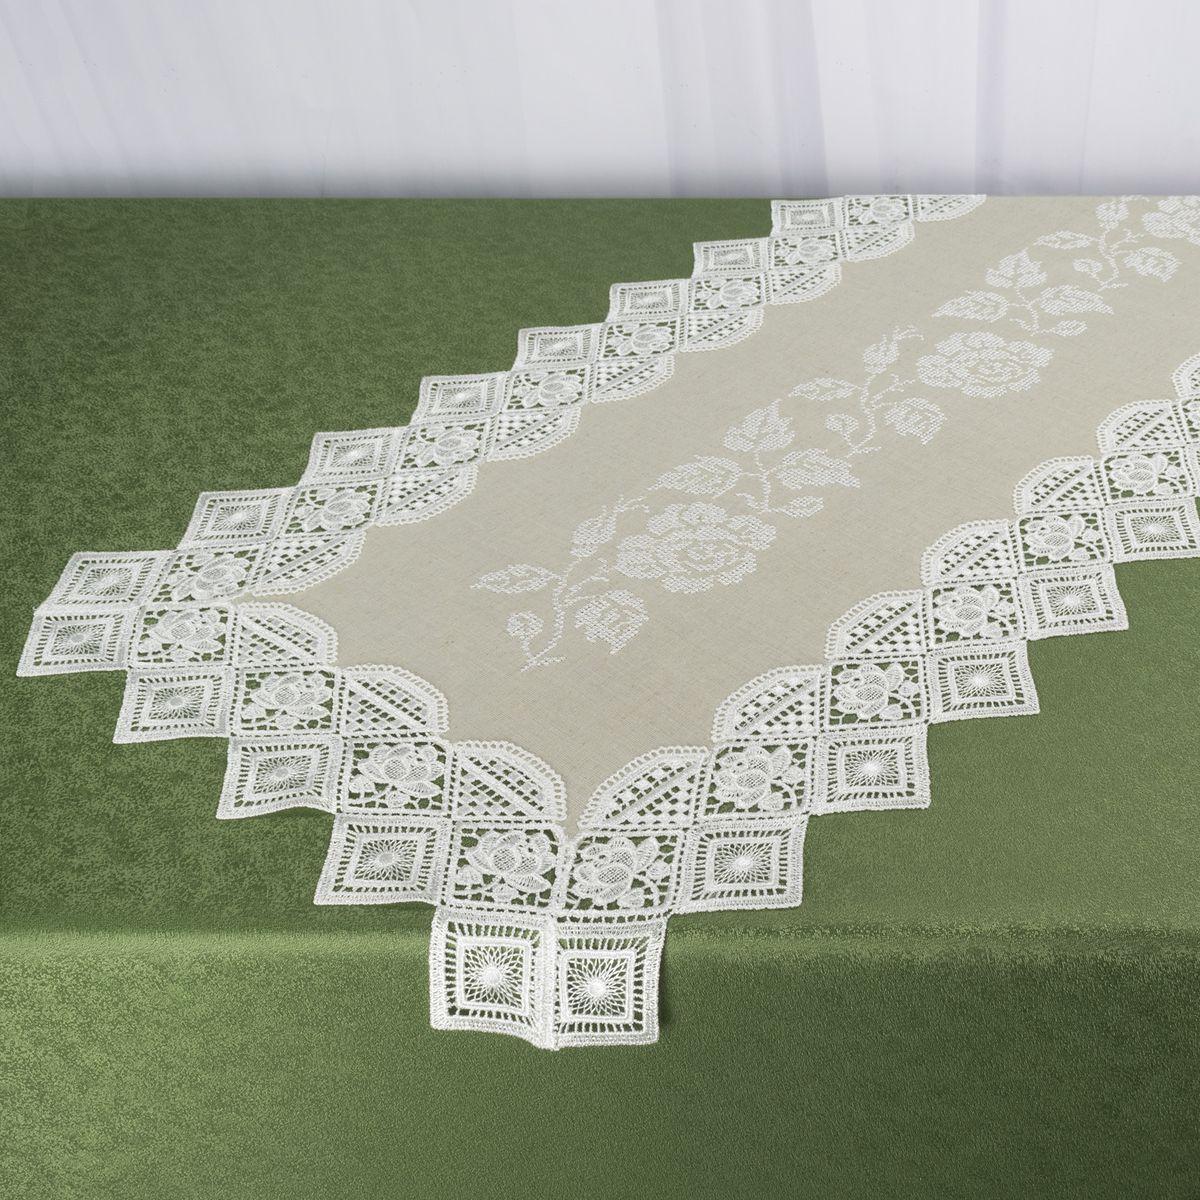 Дорожка для декорирования стола Schaefer, 40 x 100 см, цвет: белый. 07701-20207701-202Дорожка для декорирования стола Schaefer может быть использована, как основной элемент, так и дополнение для создания уюта и романтического настроения.Дорожка выполнена из полиэстера. Изделие легко стирать: оно не мнется, не садится и быстро сохнет, более долговечно, чем изделие из натуральных волокон.Материал: 100% полиэстер.Размер: 40 x 100 см